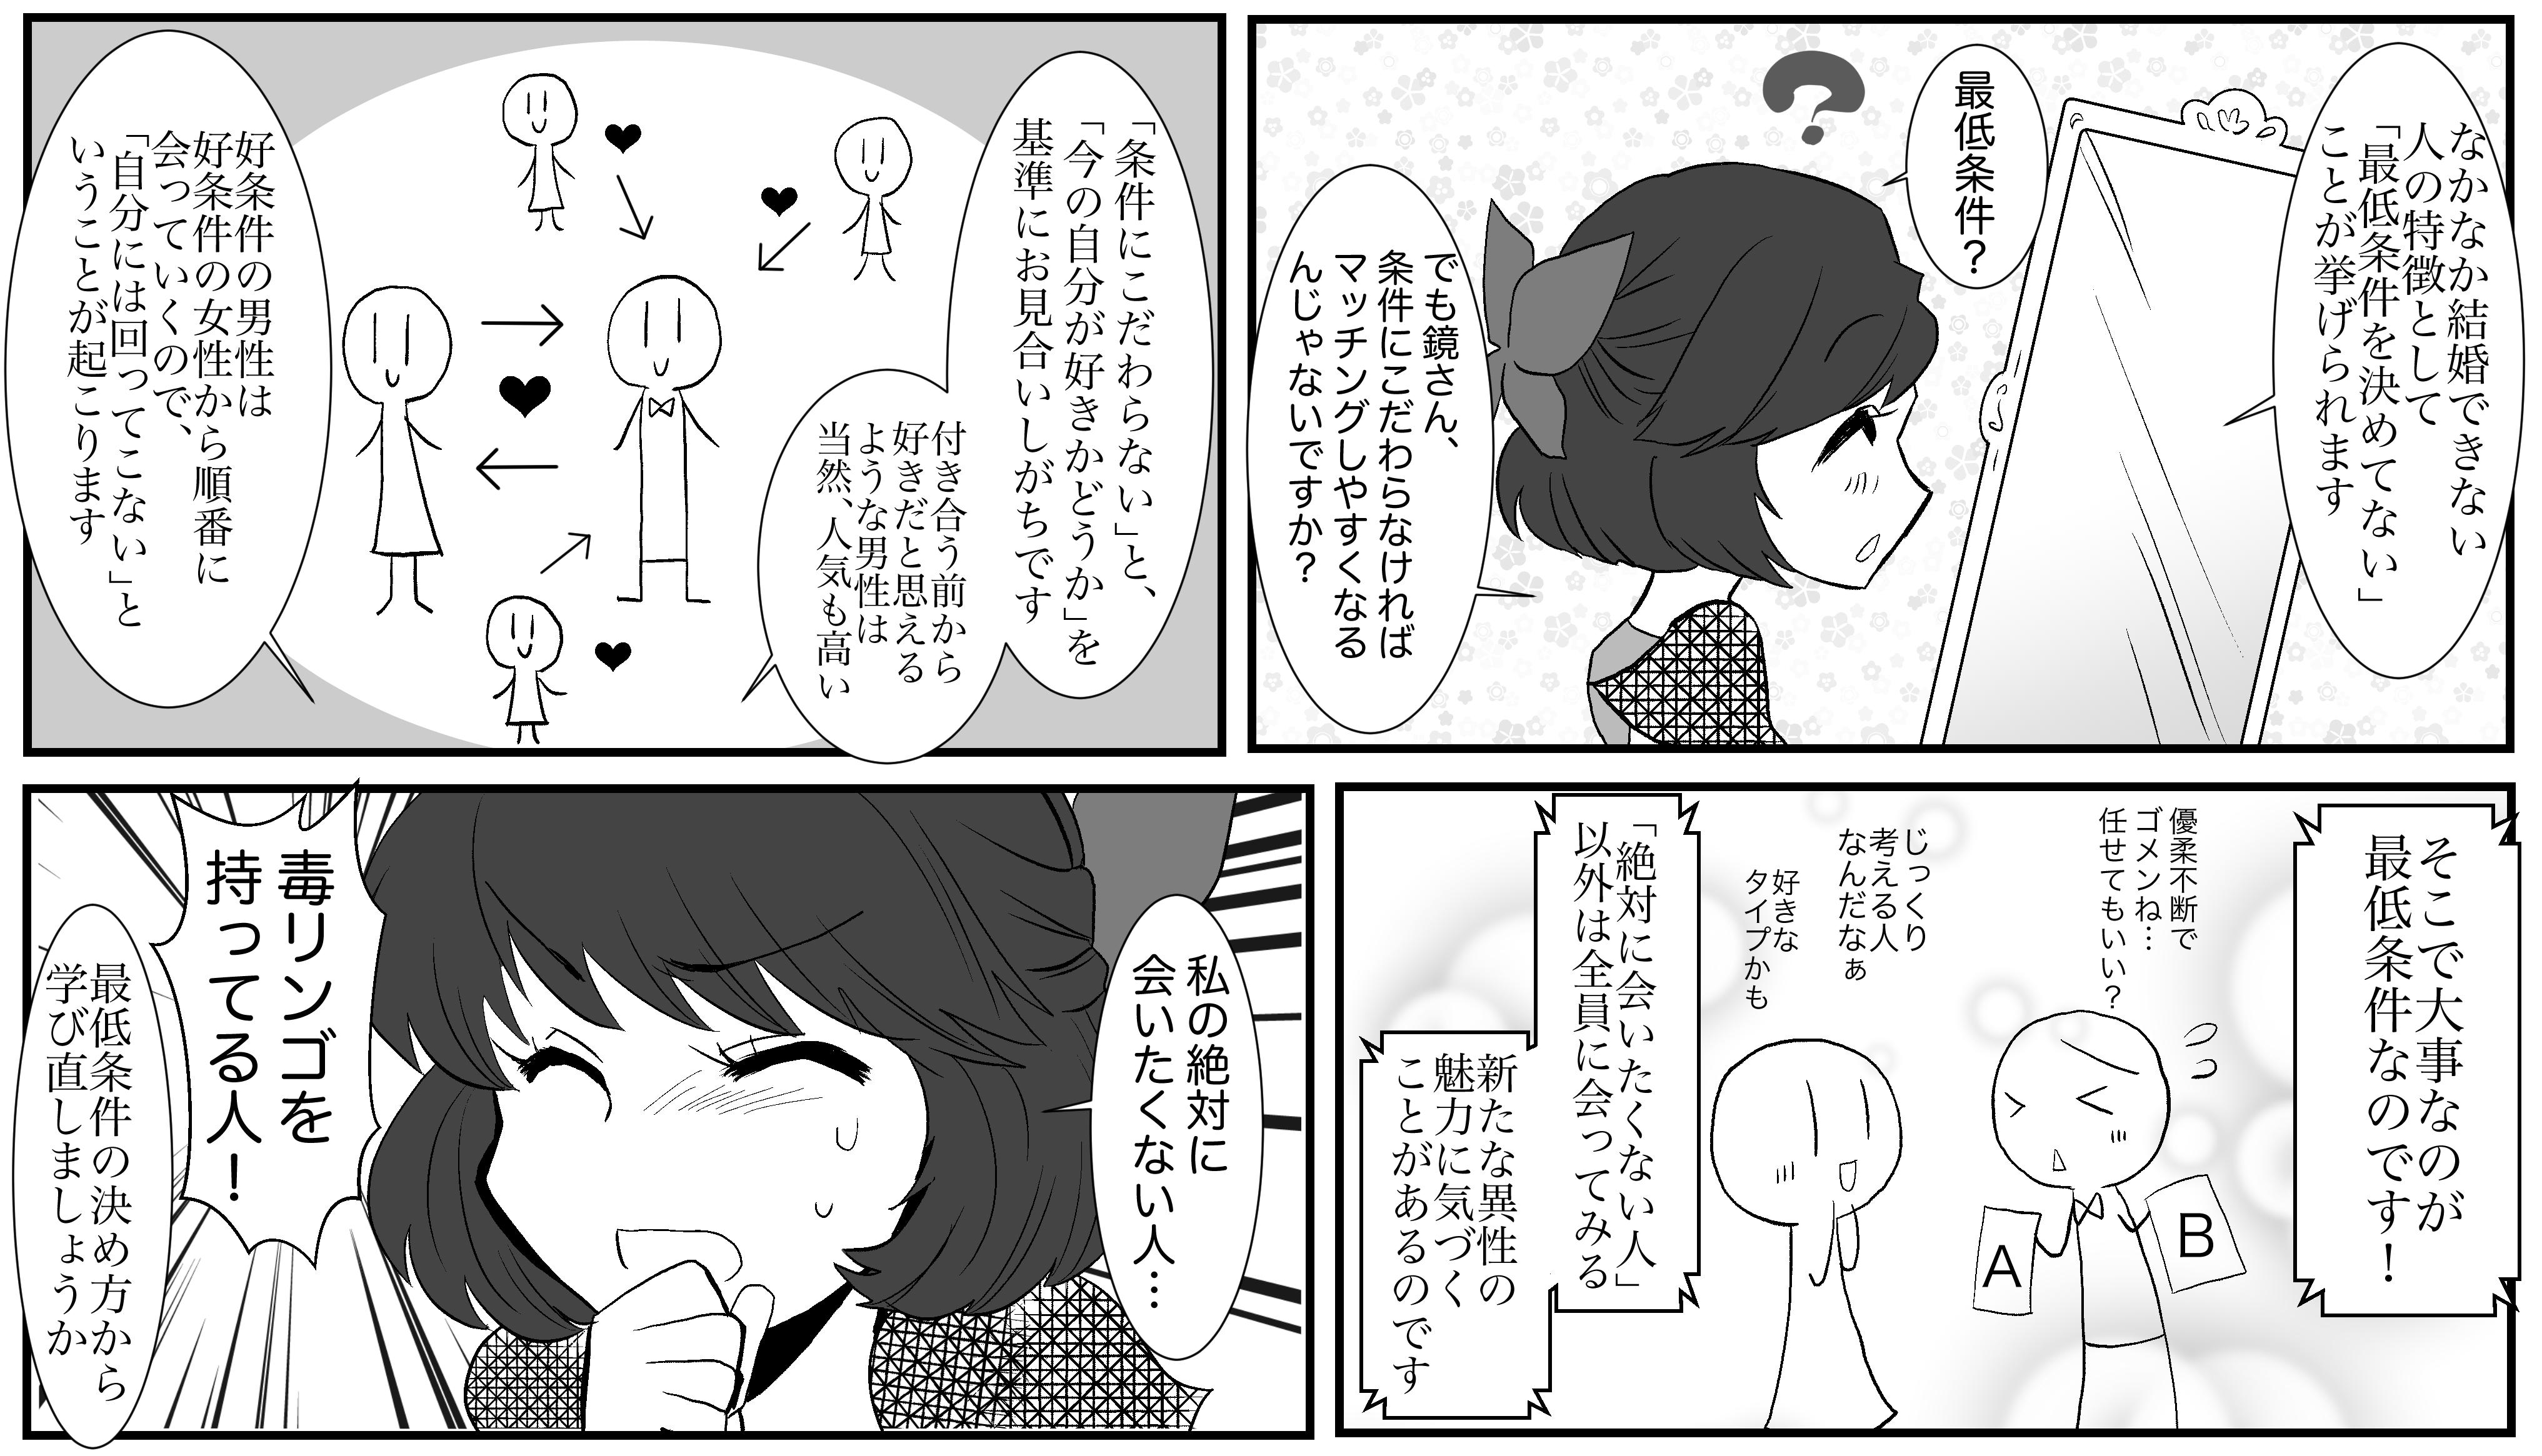 【婚活漫画】相手に尽くしすぎる白雪姫④